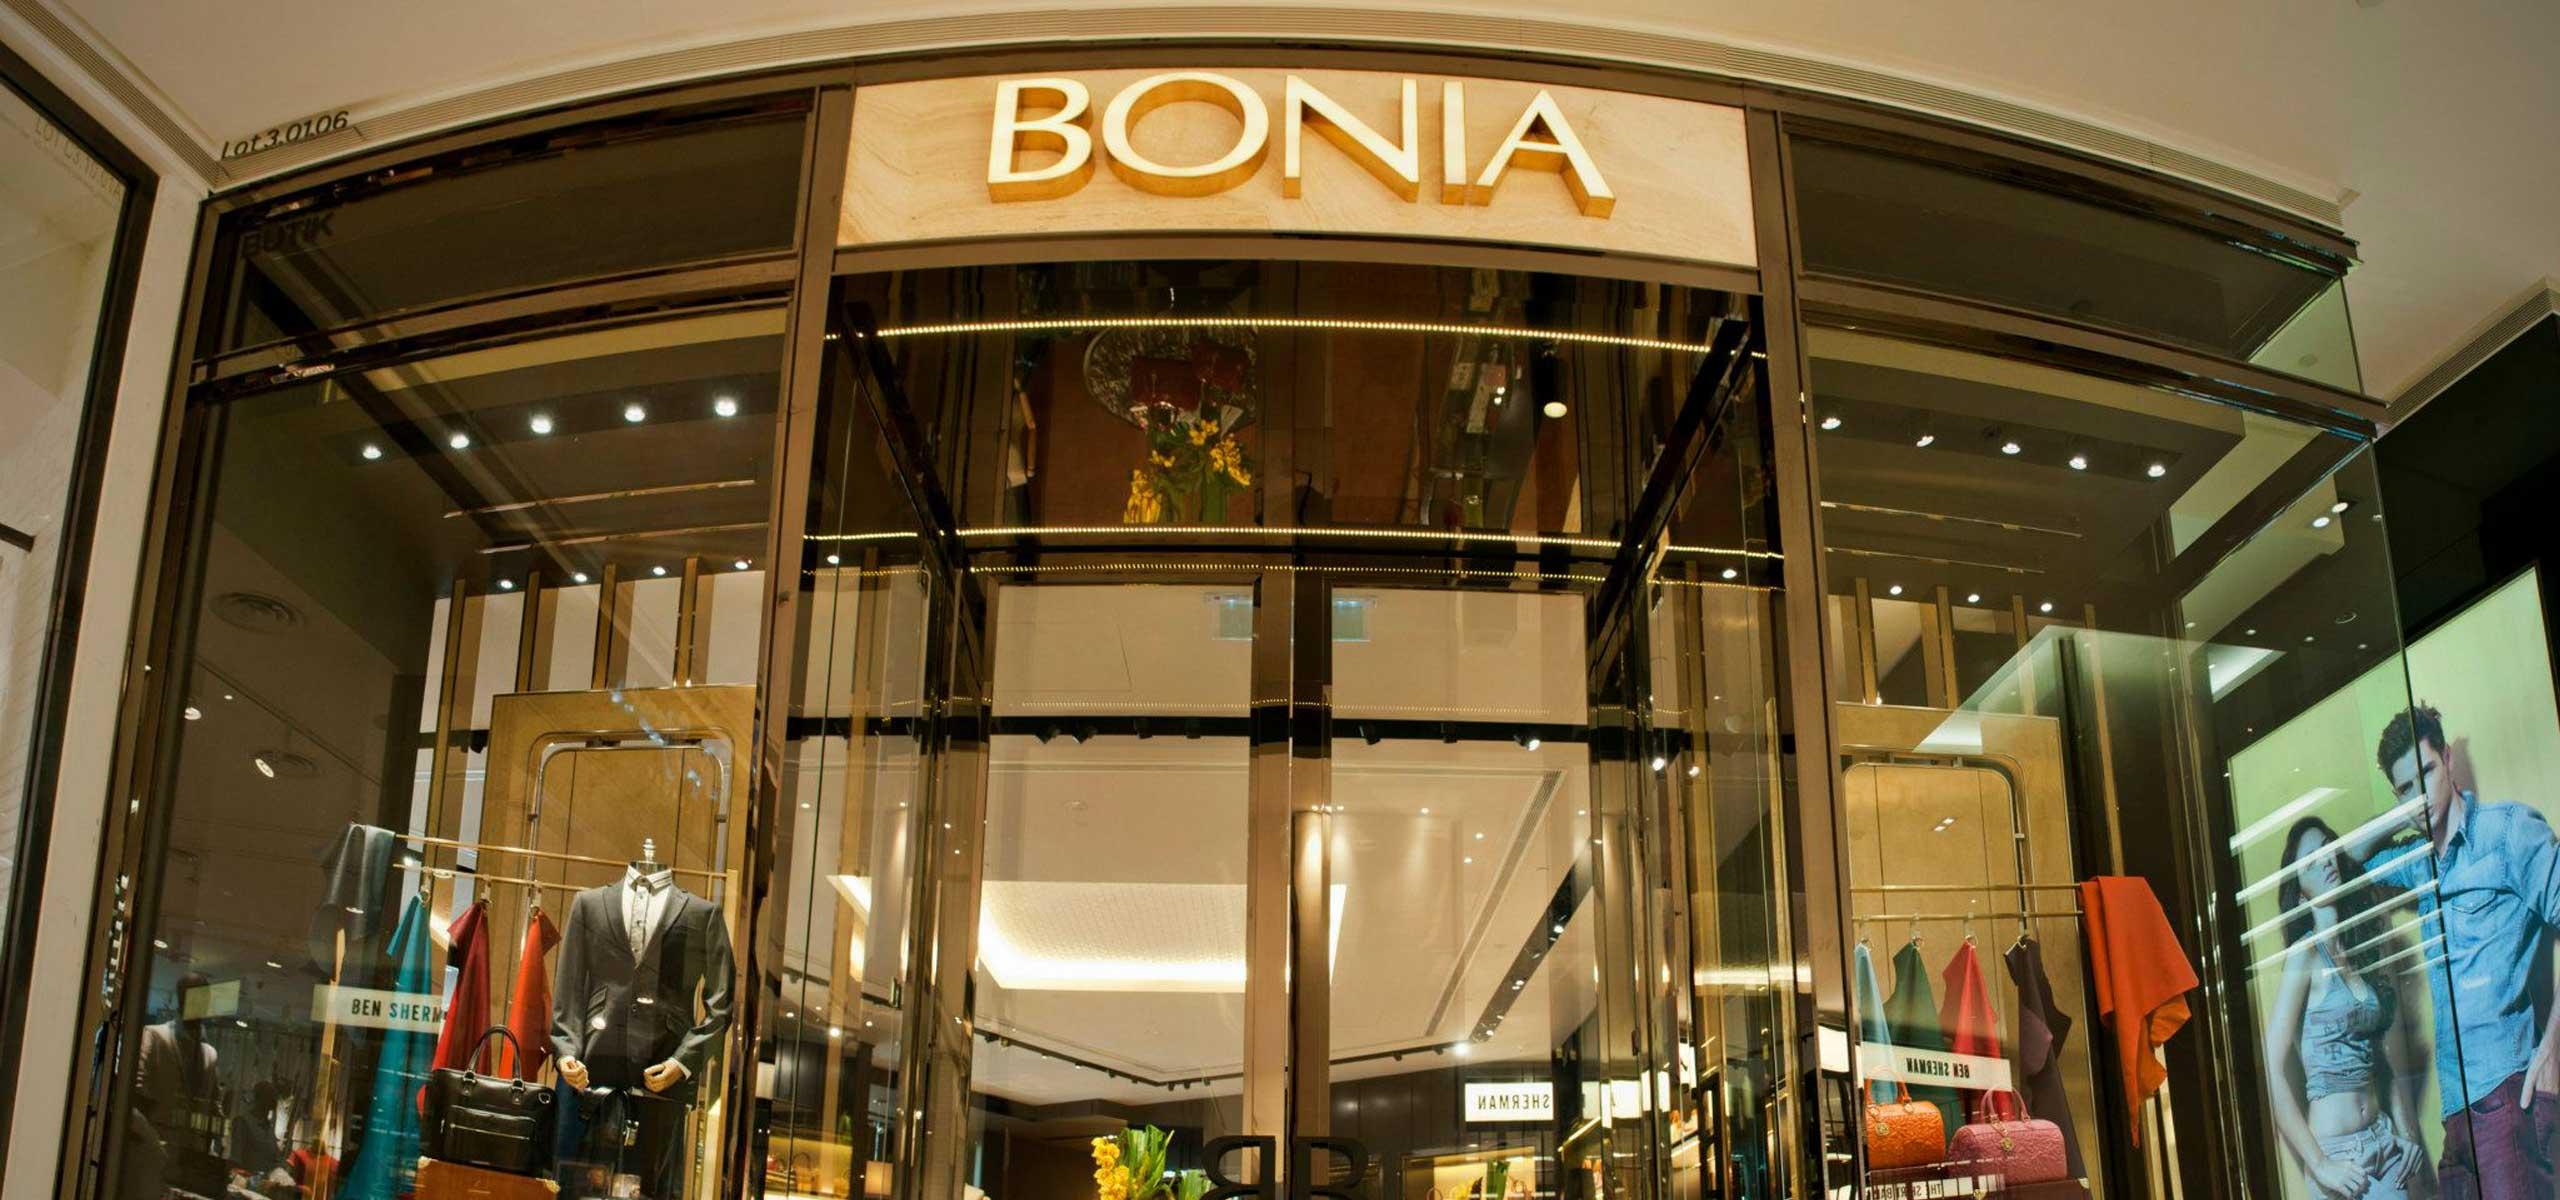 150709_bonia_flagship_pav_02